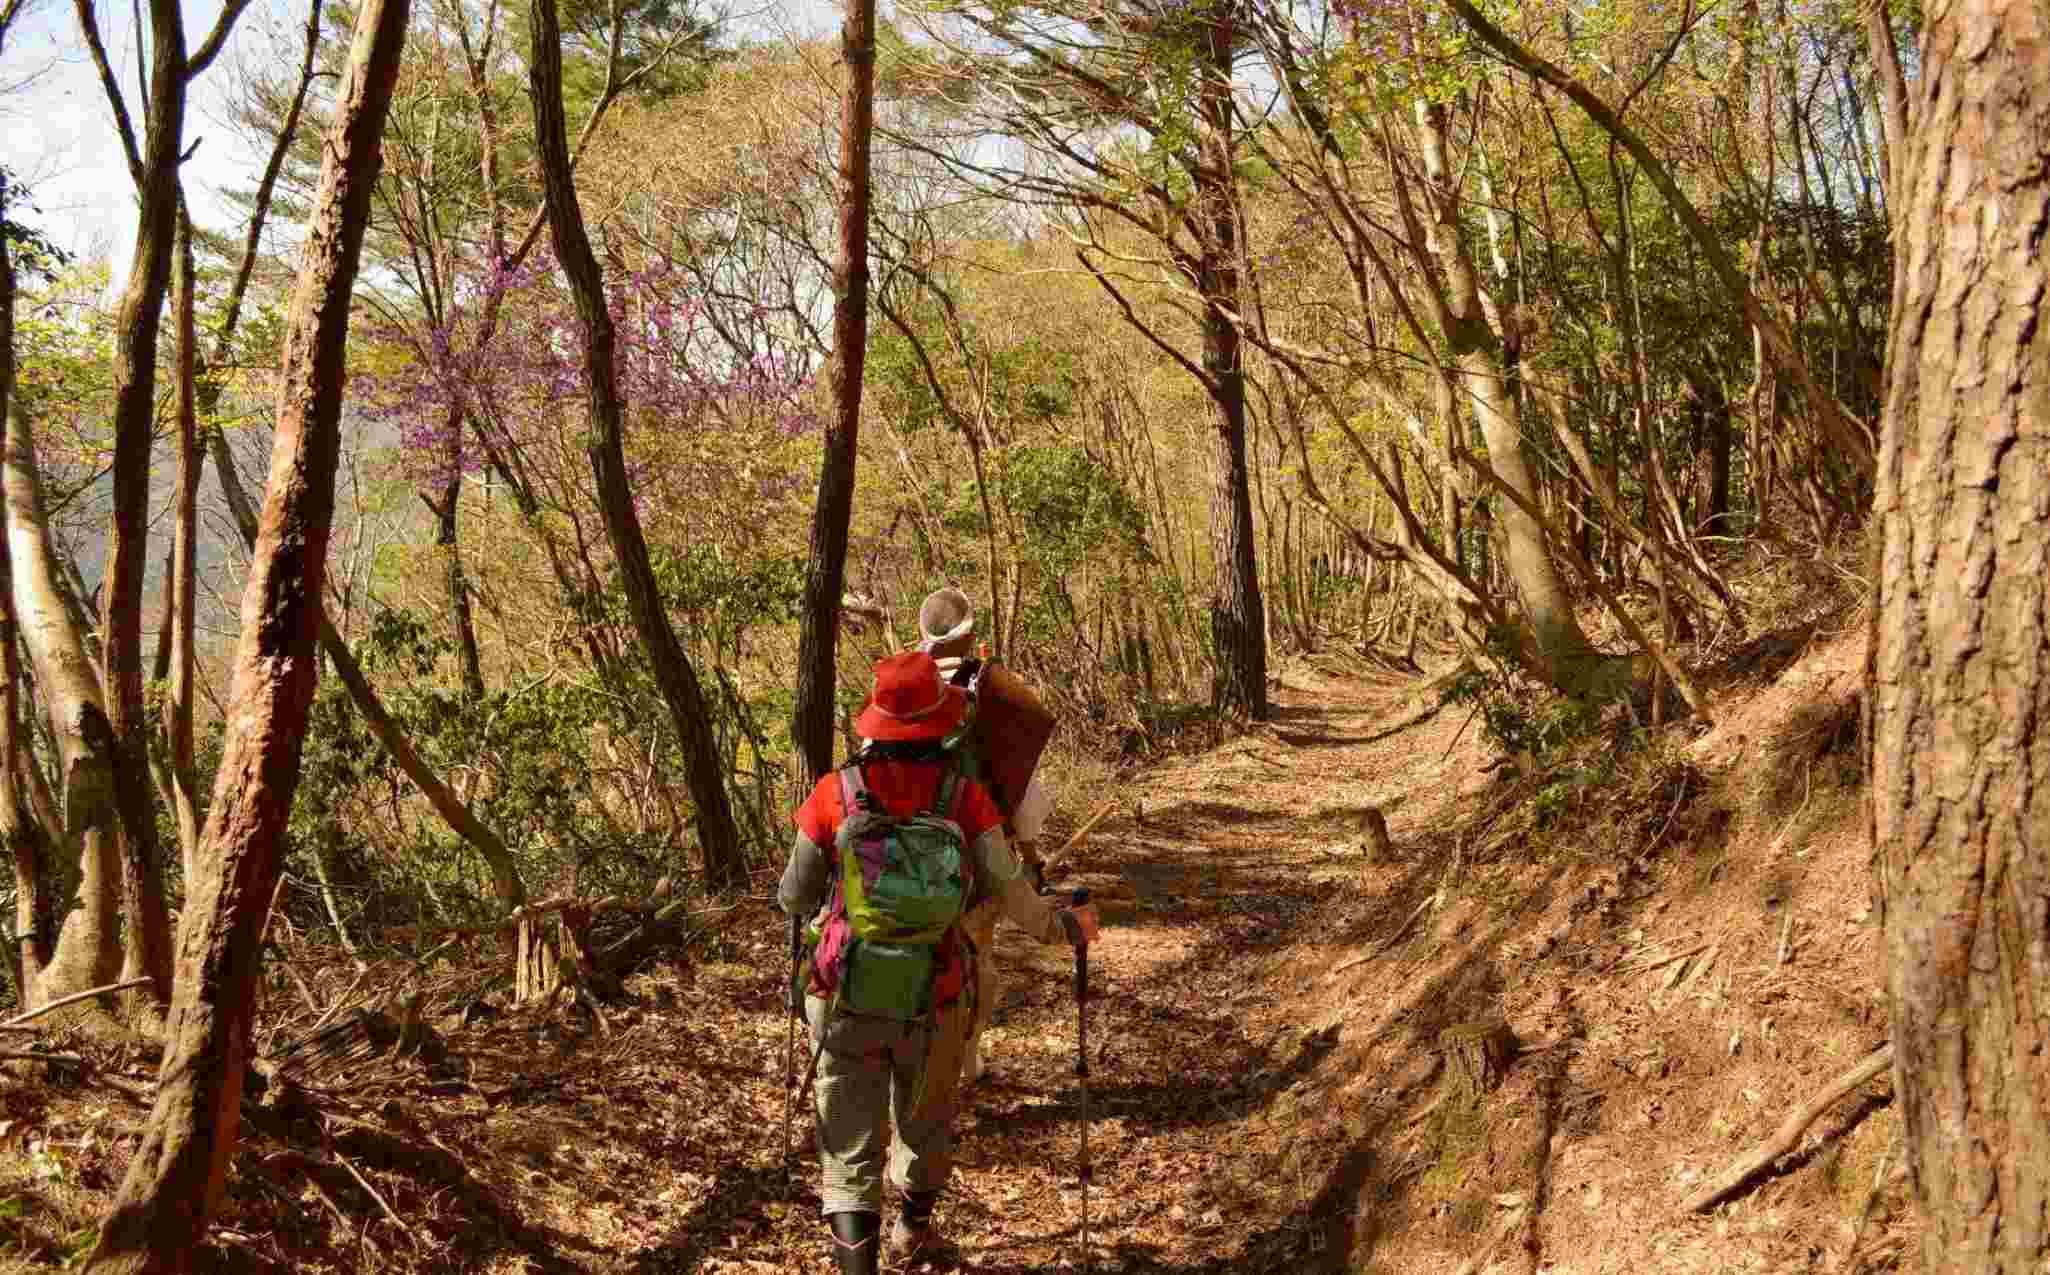 Kambayashi Old Pilgrimage Trail